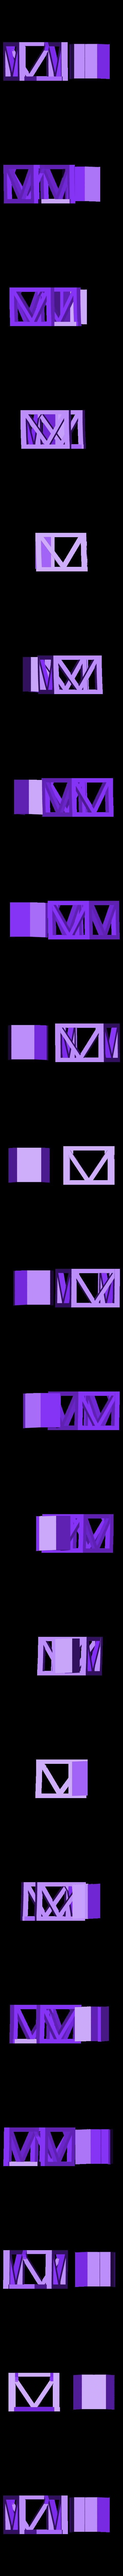 End_cap_for_half-bridge.stl Télécharger fichier STL gratuit Led lampe de pont Segment Universel • Objet imprimable en 3D, Opossums